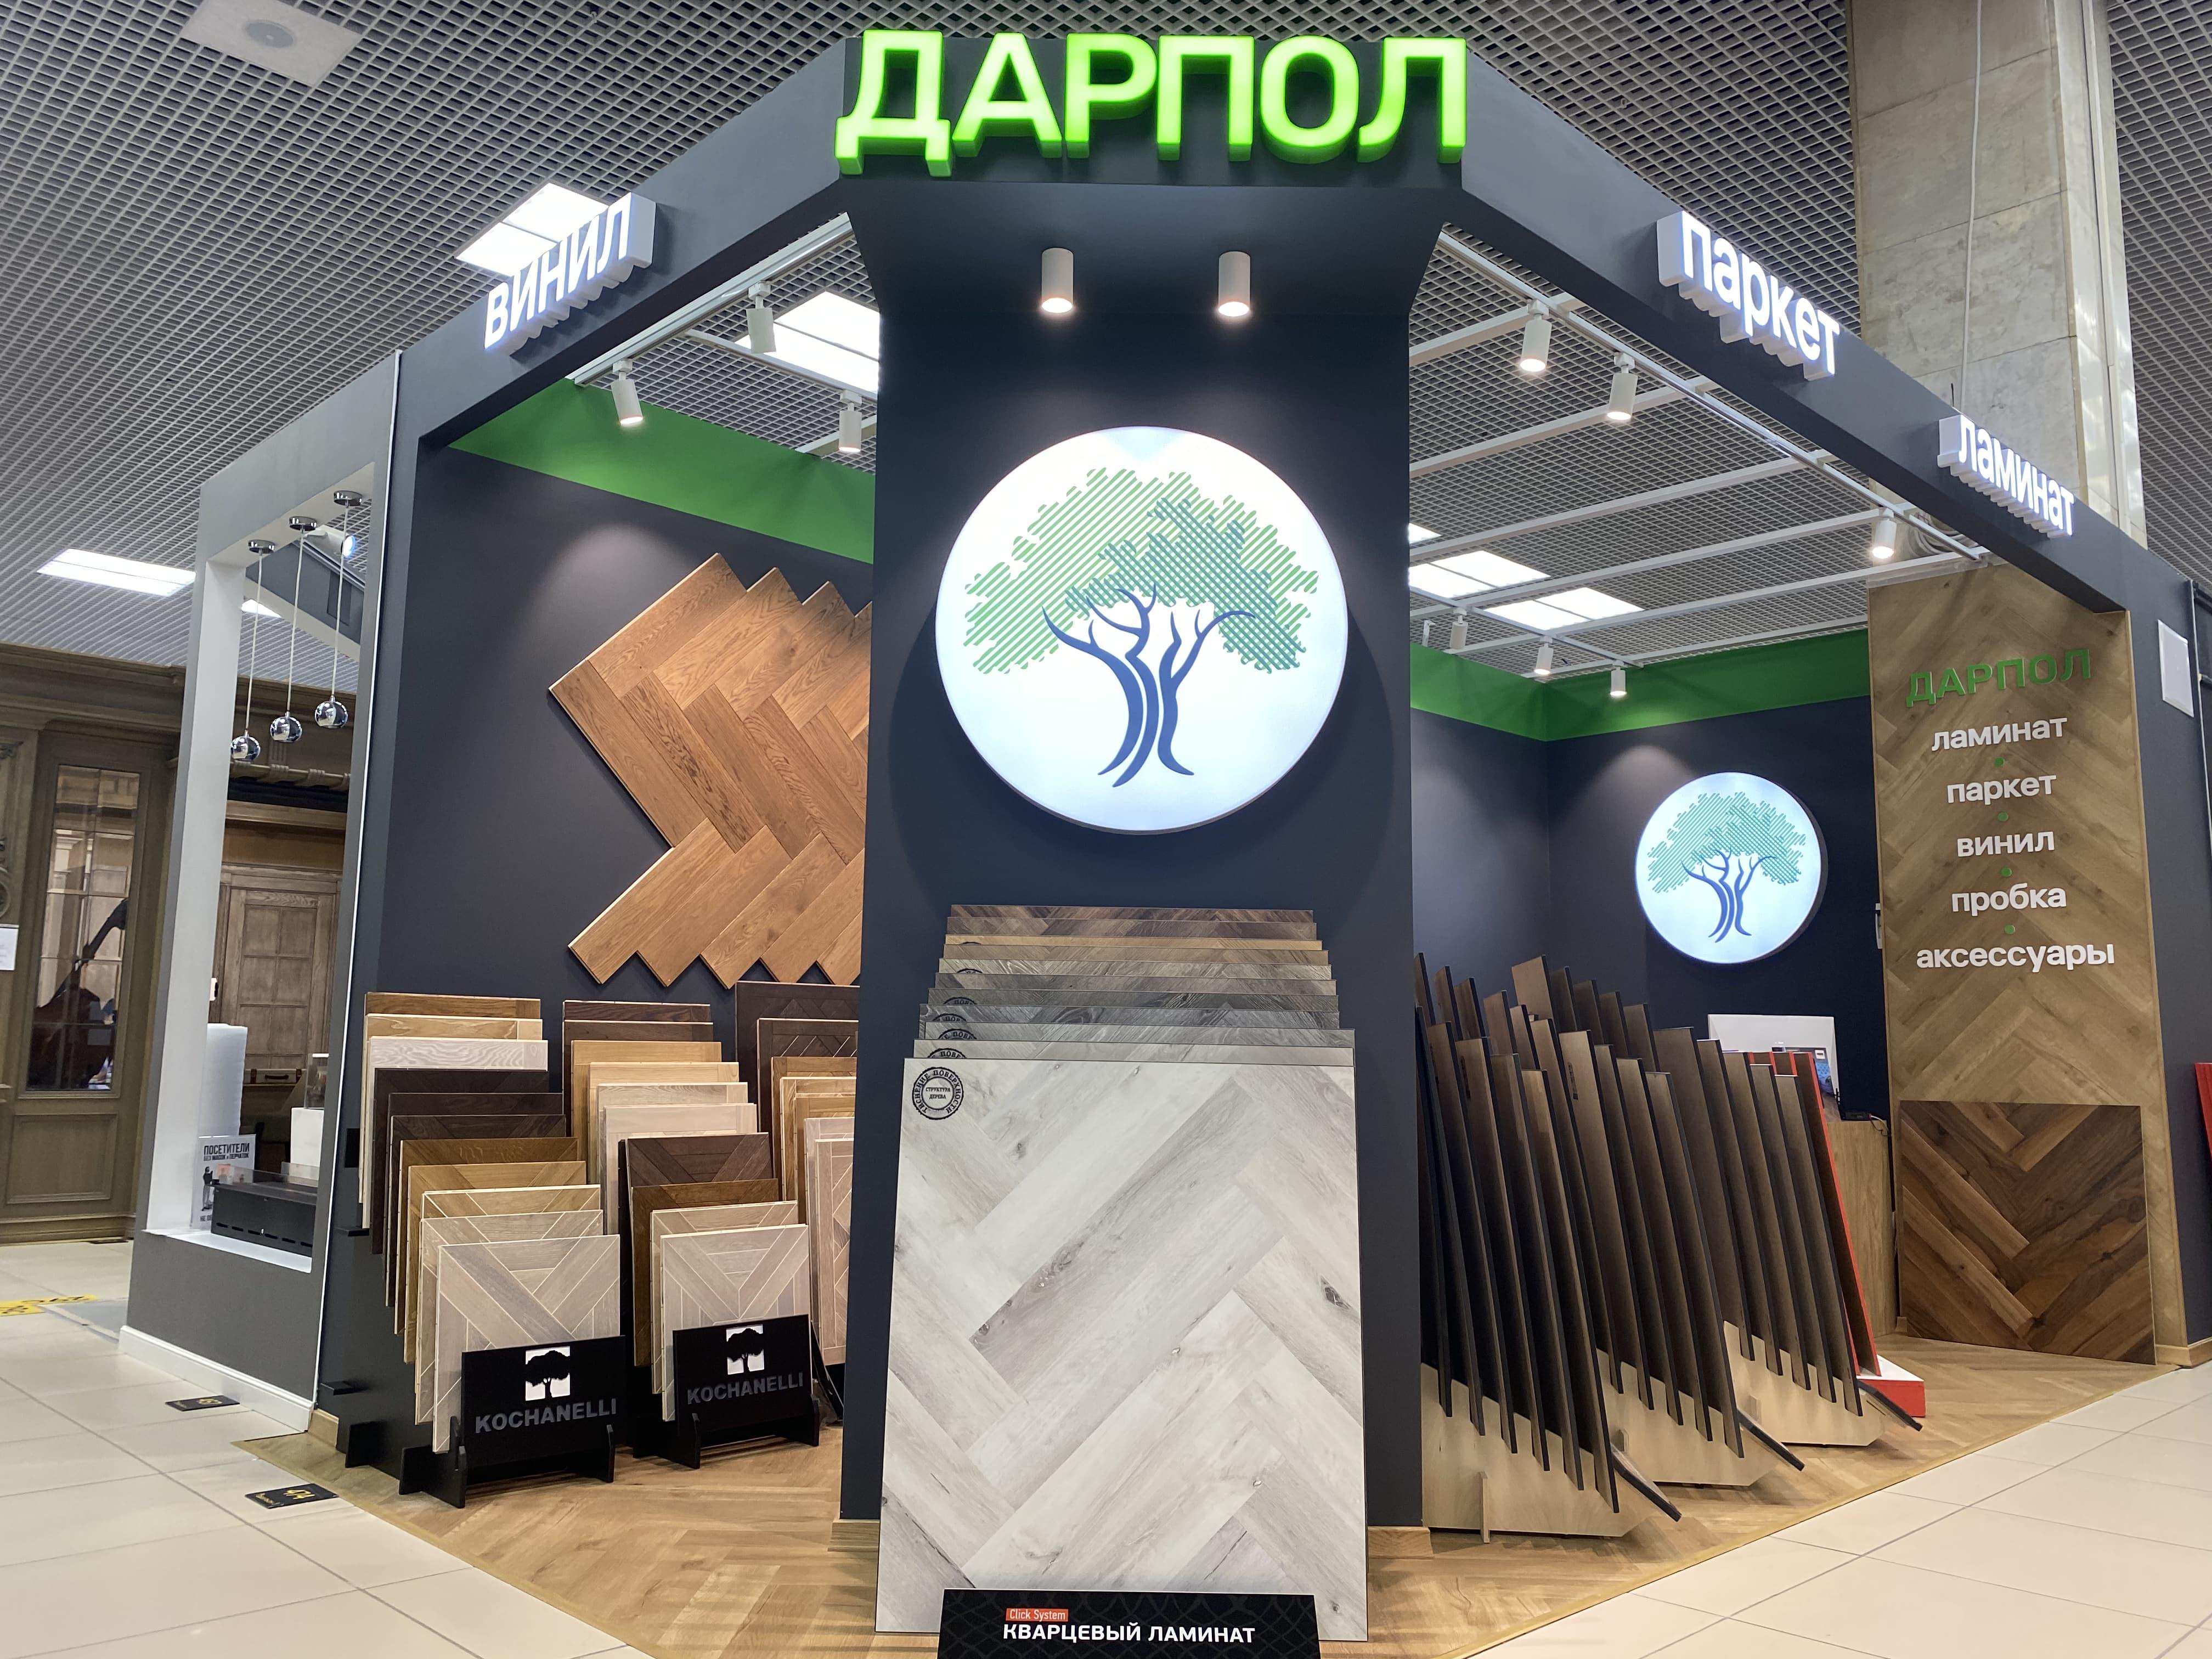 Открытие нового магазина-партнера Дар Пол в г. Москва